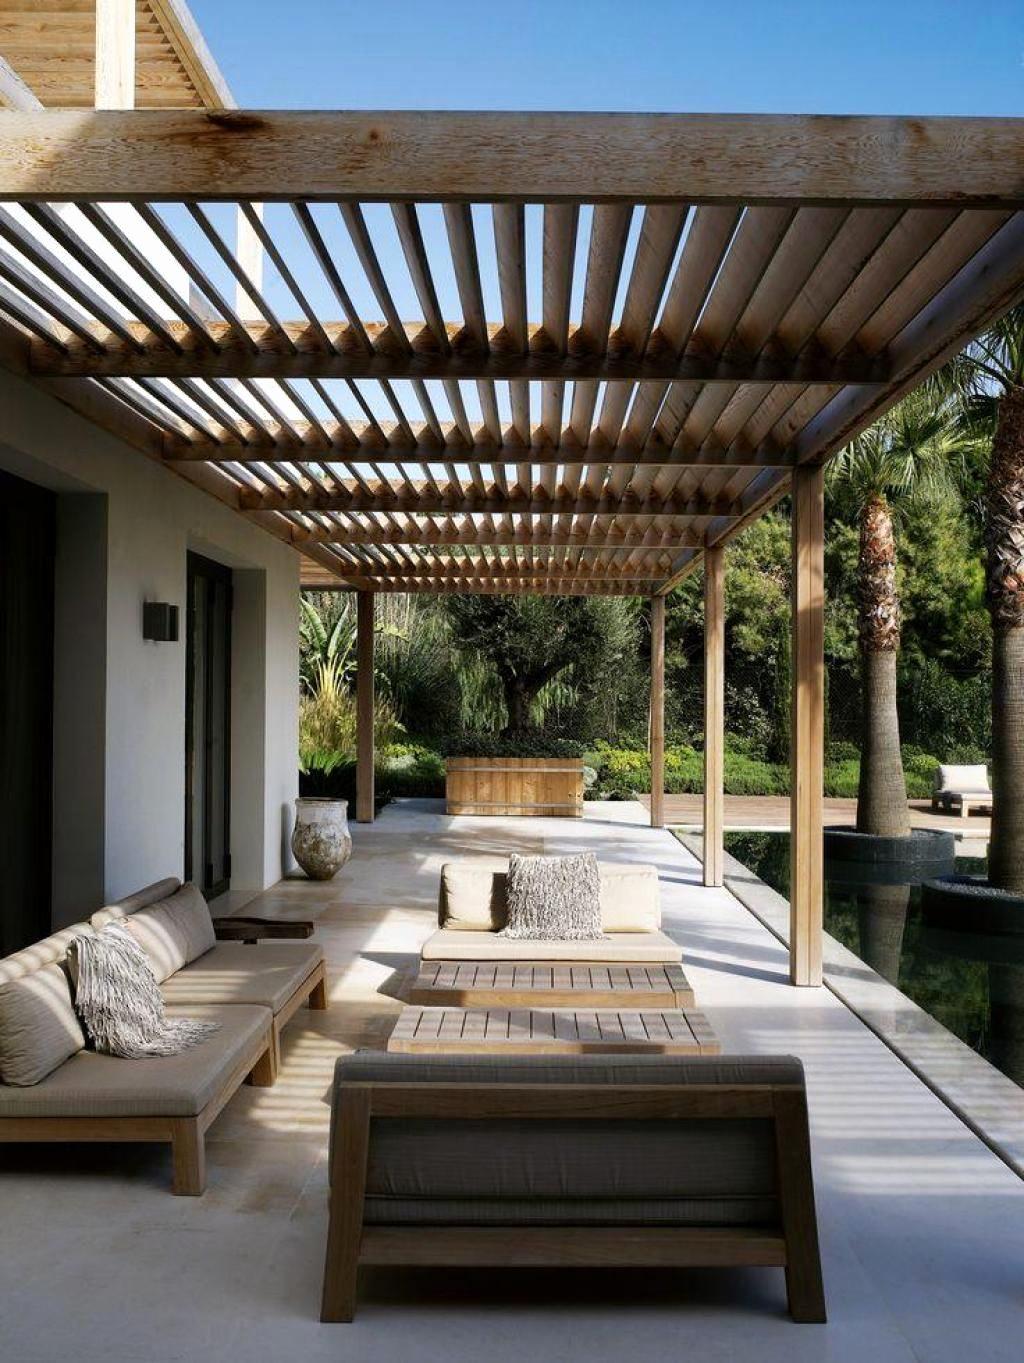 Lit Maison Bois Magnifique Nouveau Concept De Maison